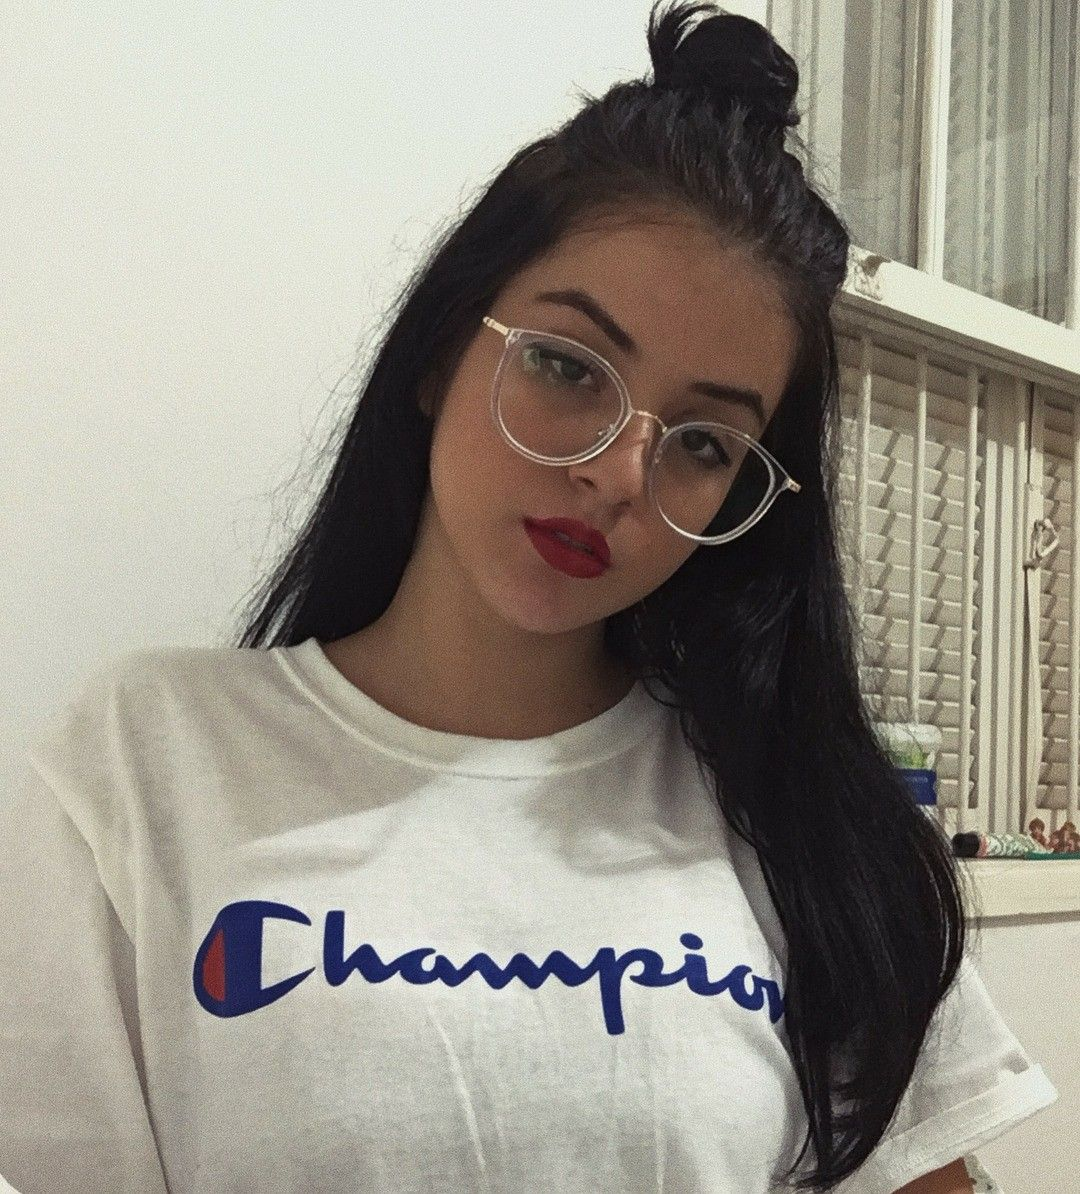 Fotos Tumblr Meninas De Oculos Oculos De Grau Tumblr Garotas